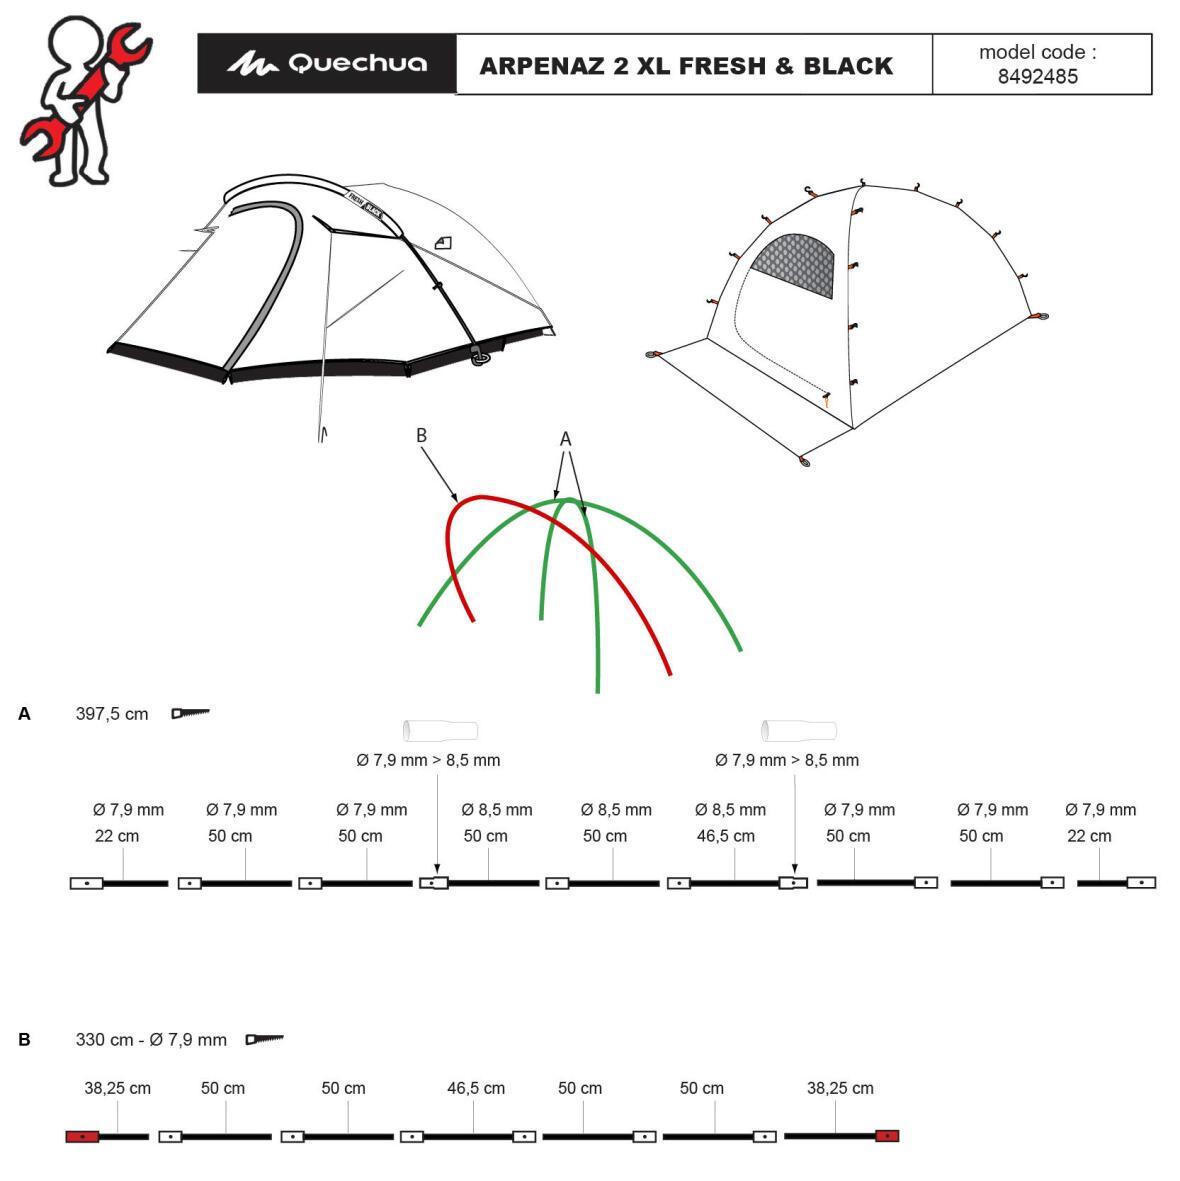 repair-tent-arpenaz-2-person-XL-fresh-and-black-quechua-broken